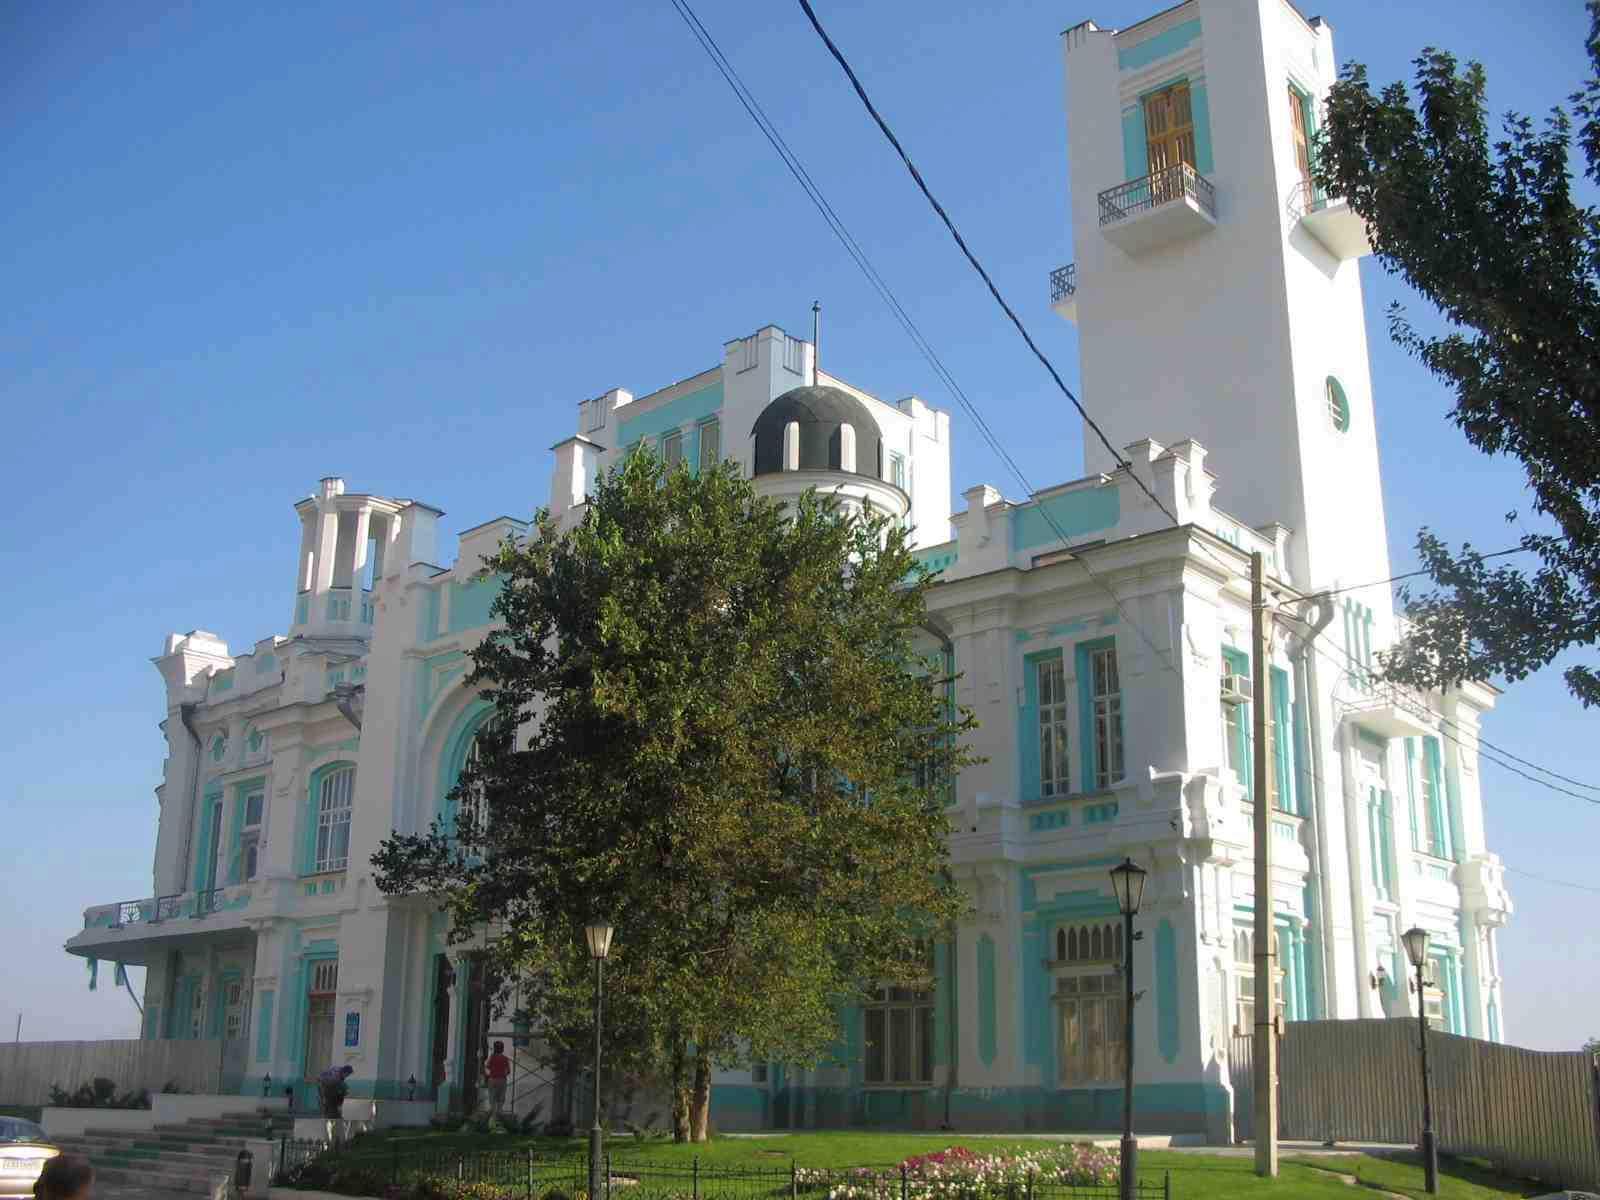 Бывшая купеческая биржа, сейчас Дворец бракосочетаний. Город Астрахань.